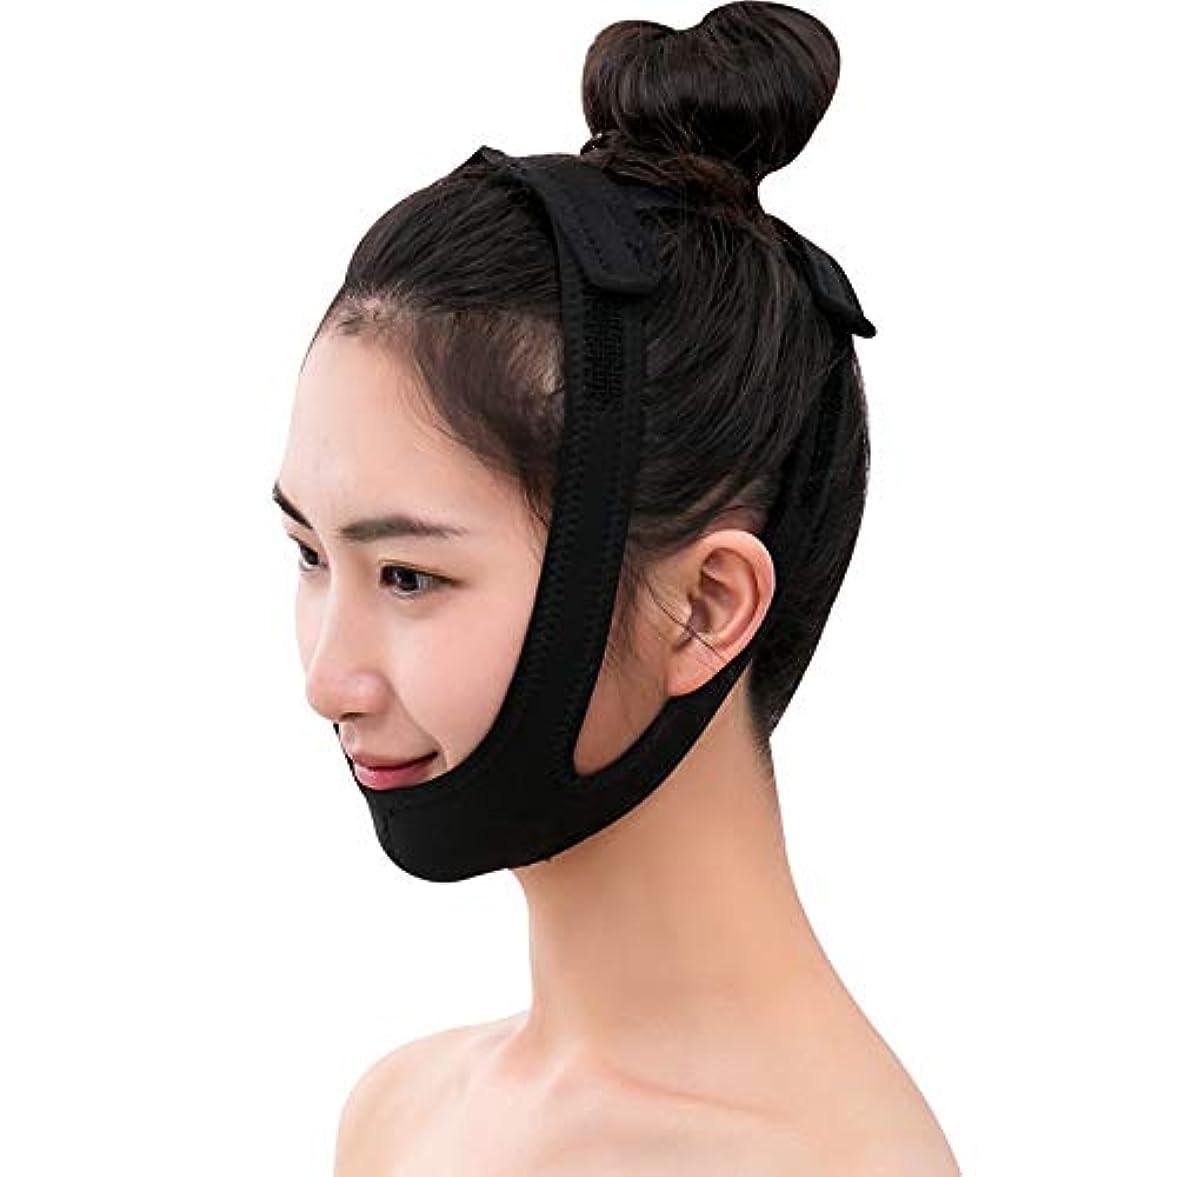 登山家第四免除する薄いフェイスバンド - 薄い顔の包帯ビューティーインストゥルメントフェイシャルリフト睡眠マスク法Vフェイスマスクの通気性を作る 美しさ